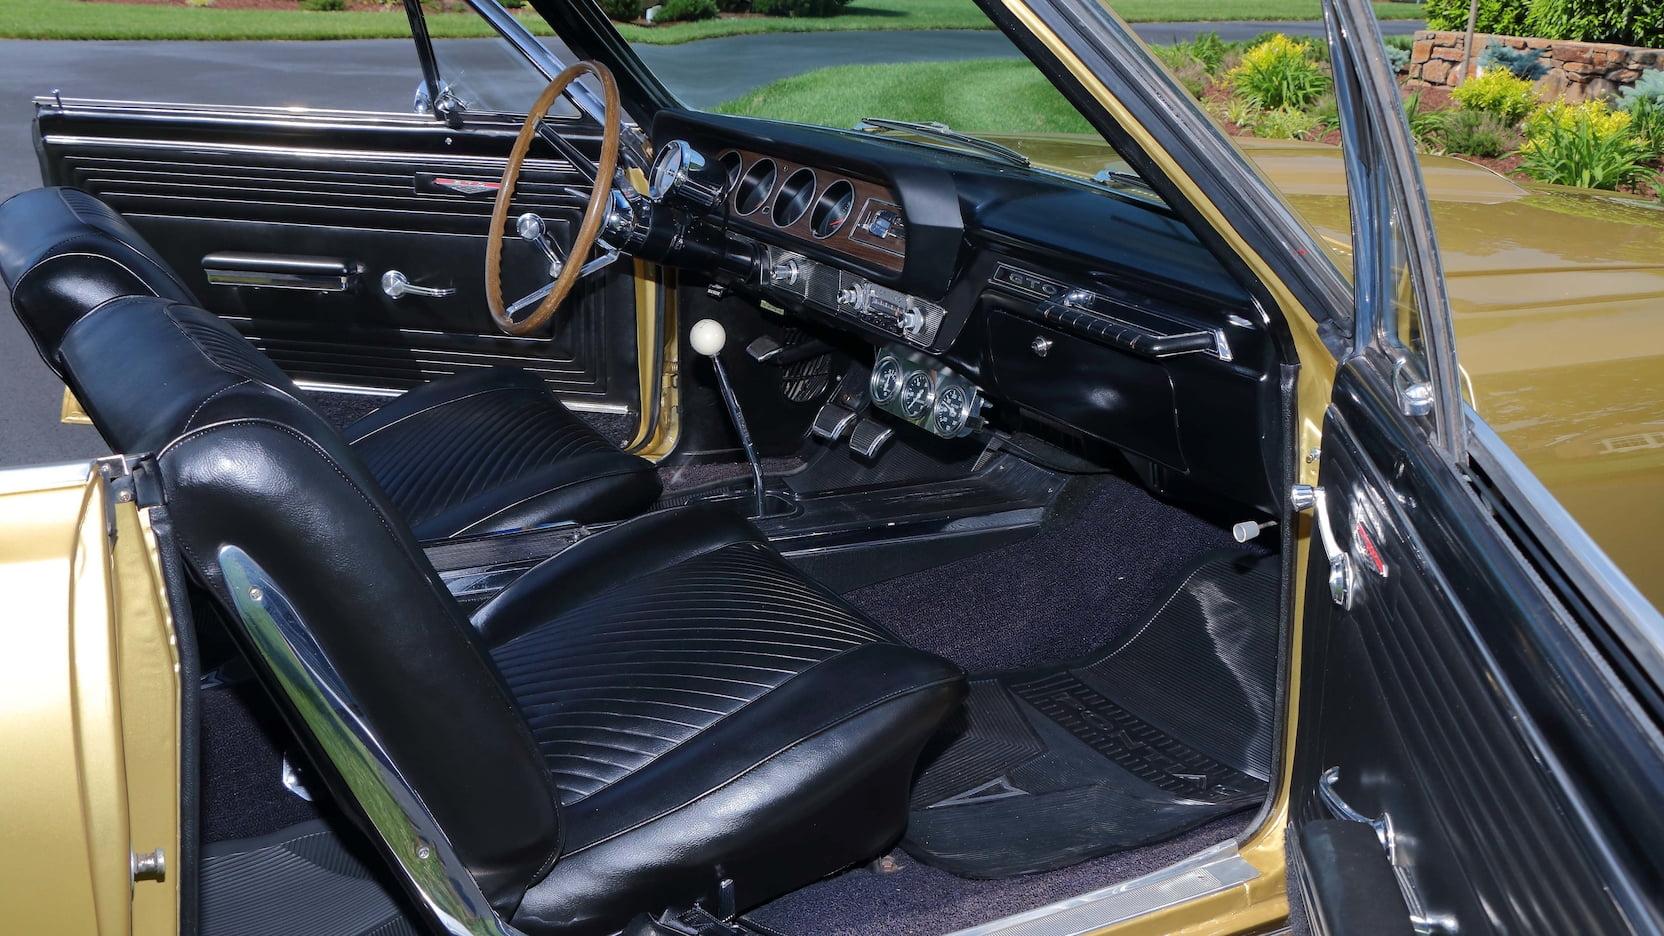 1965 Pontiac LeMans GTO interior